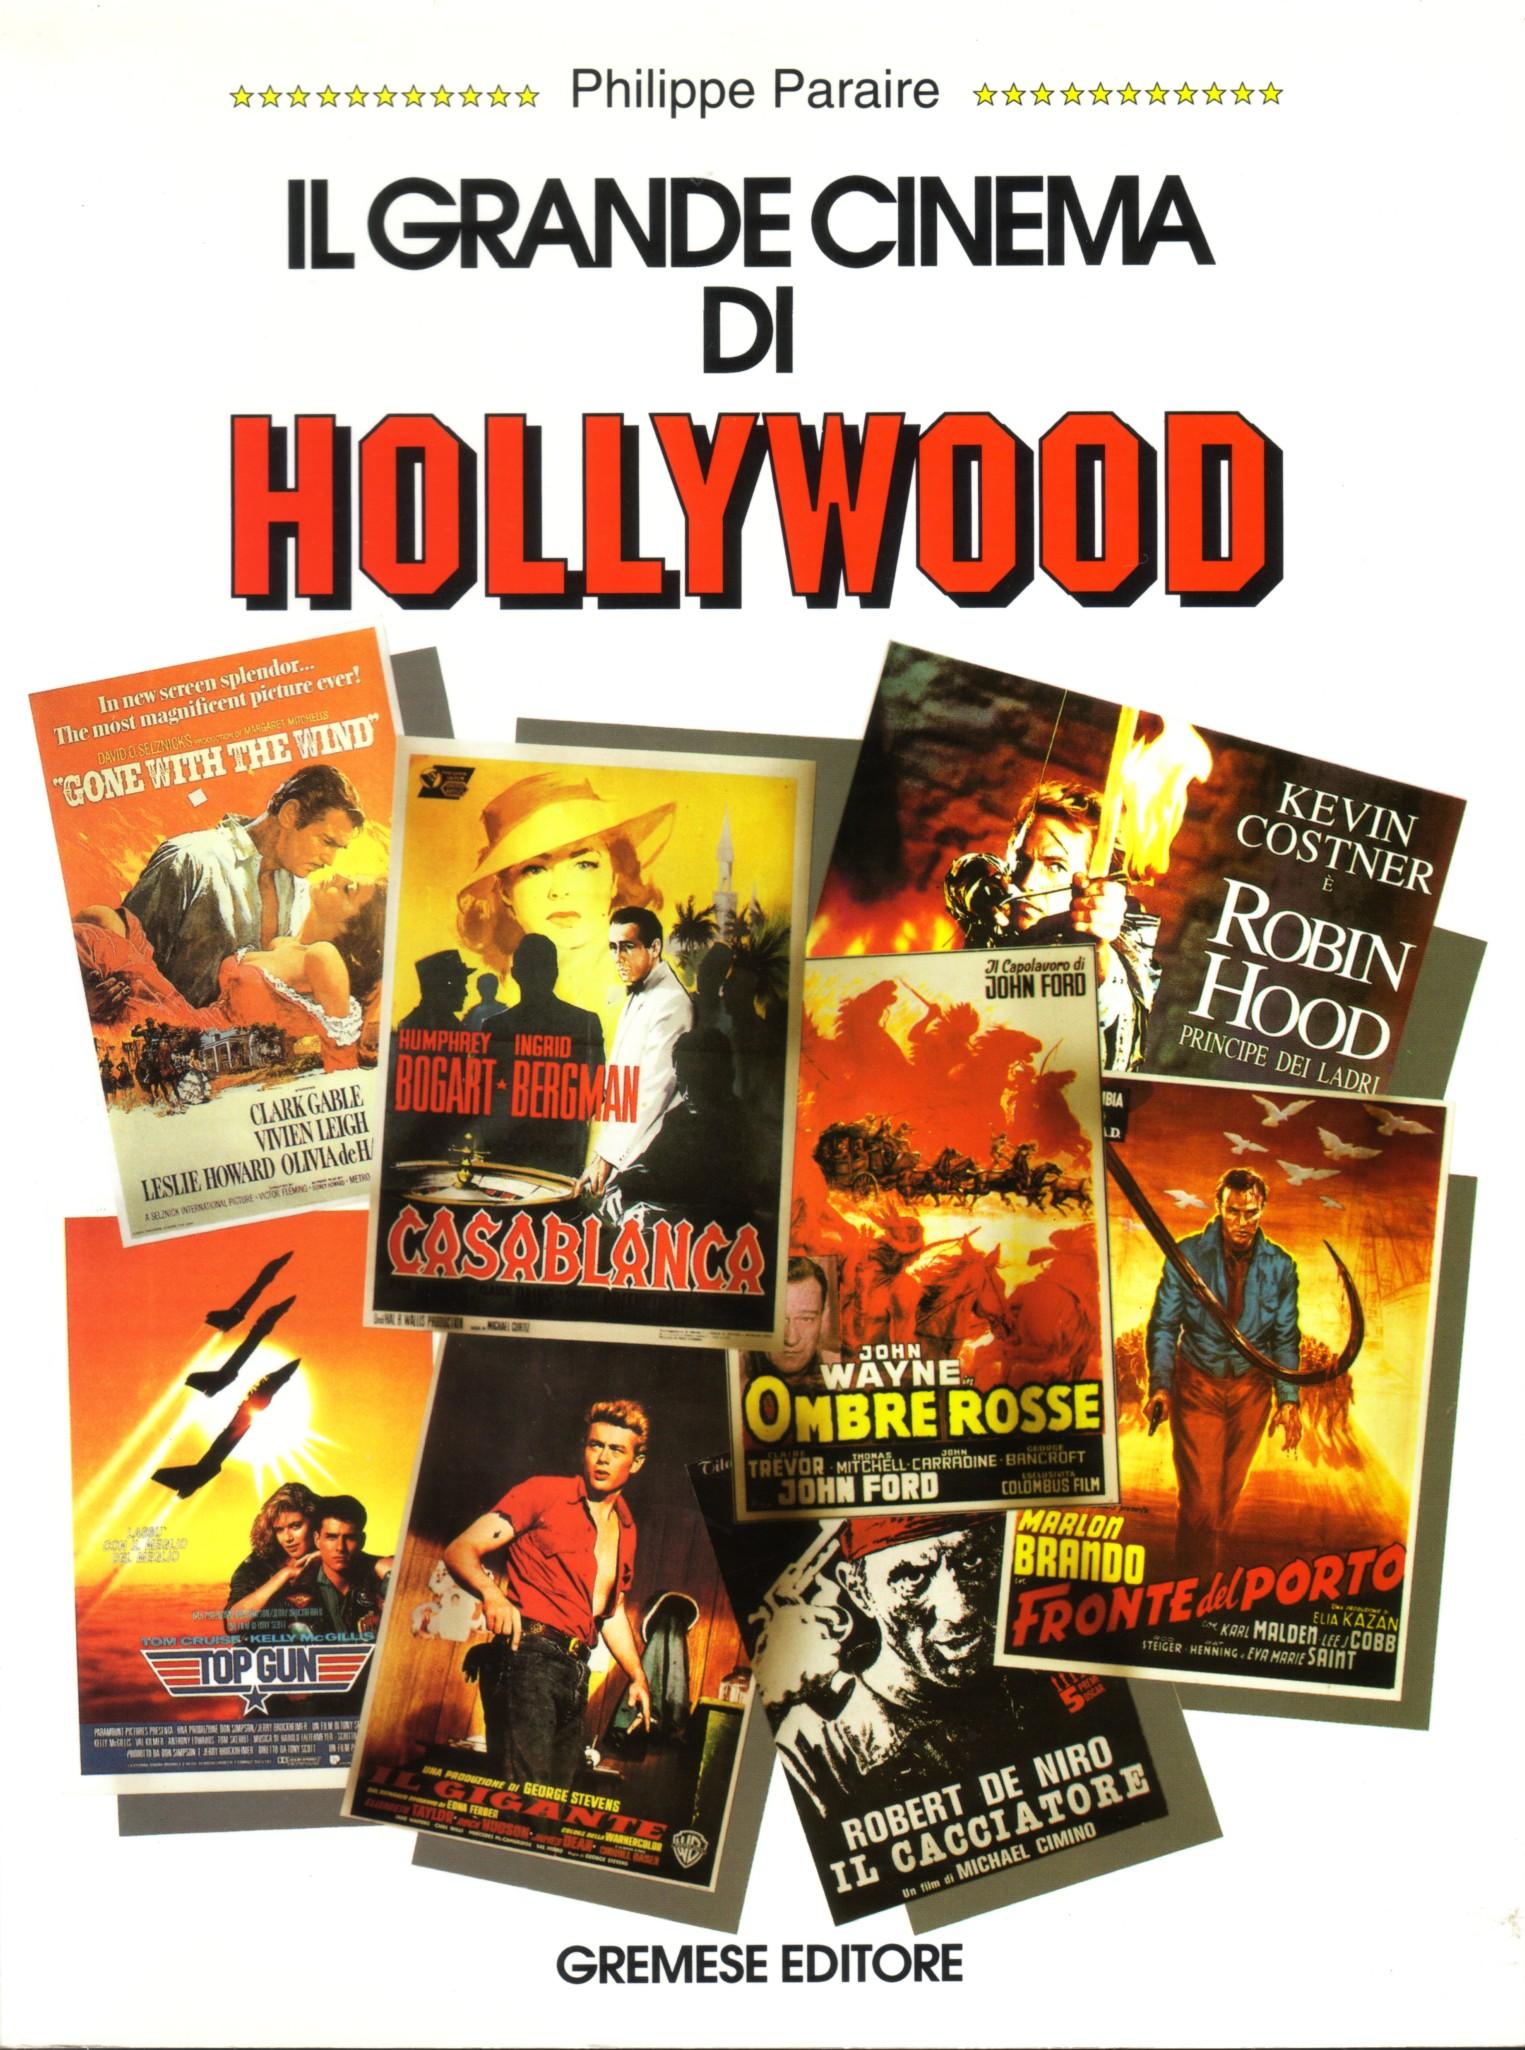 Il grande cinema di Hollywood